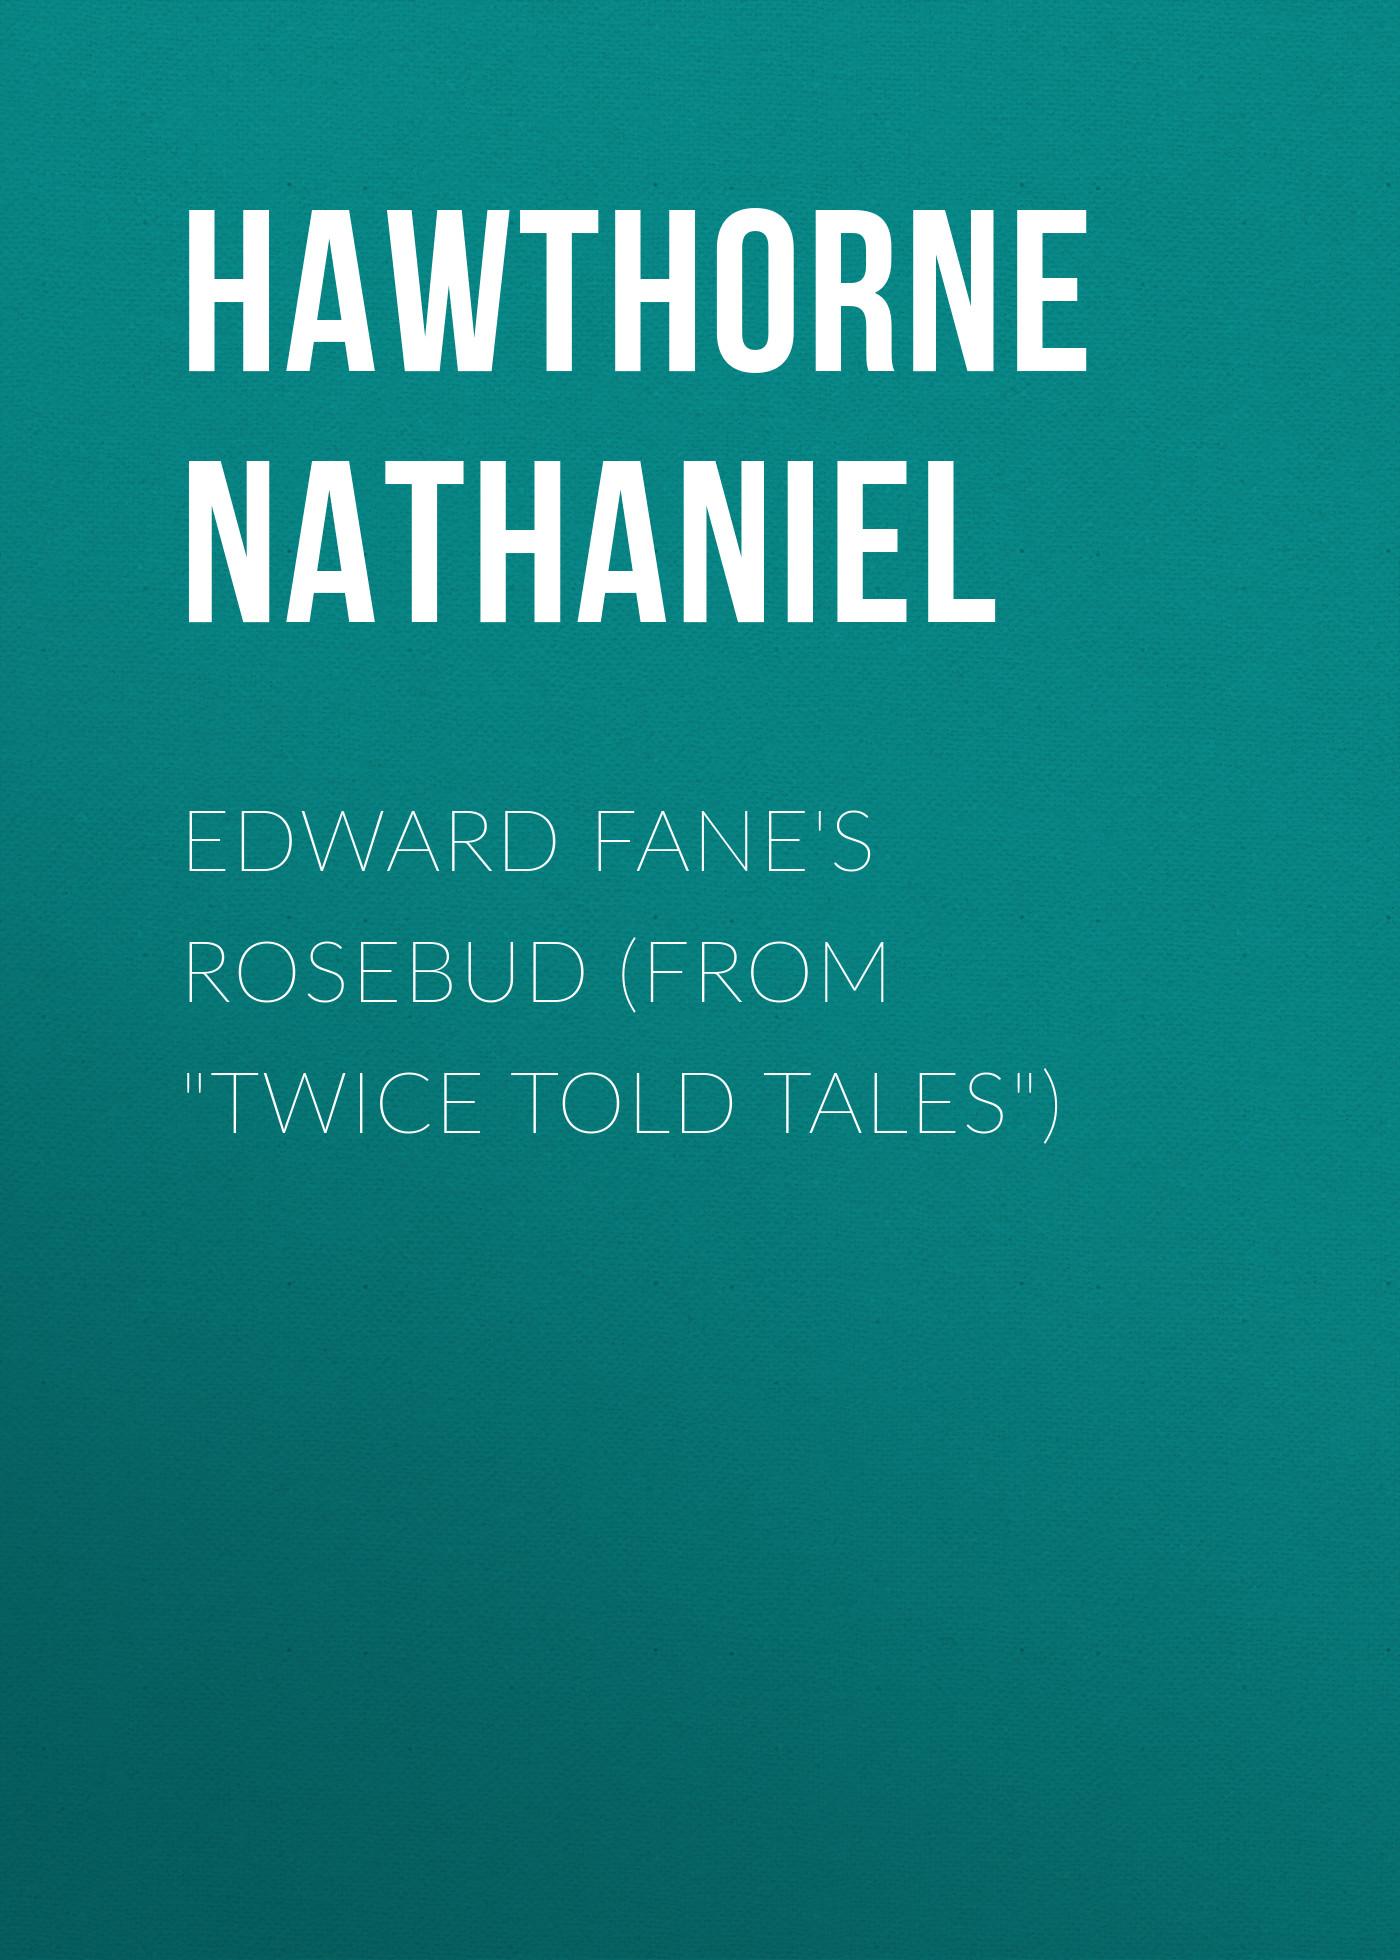 лучшая цена Hawthorne Nathaniel Edward Fane's Rosebud (From